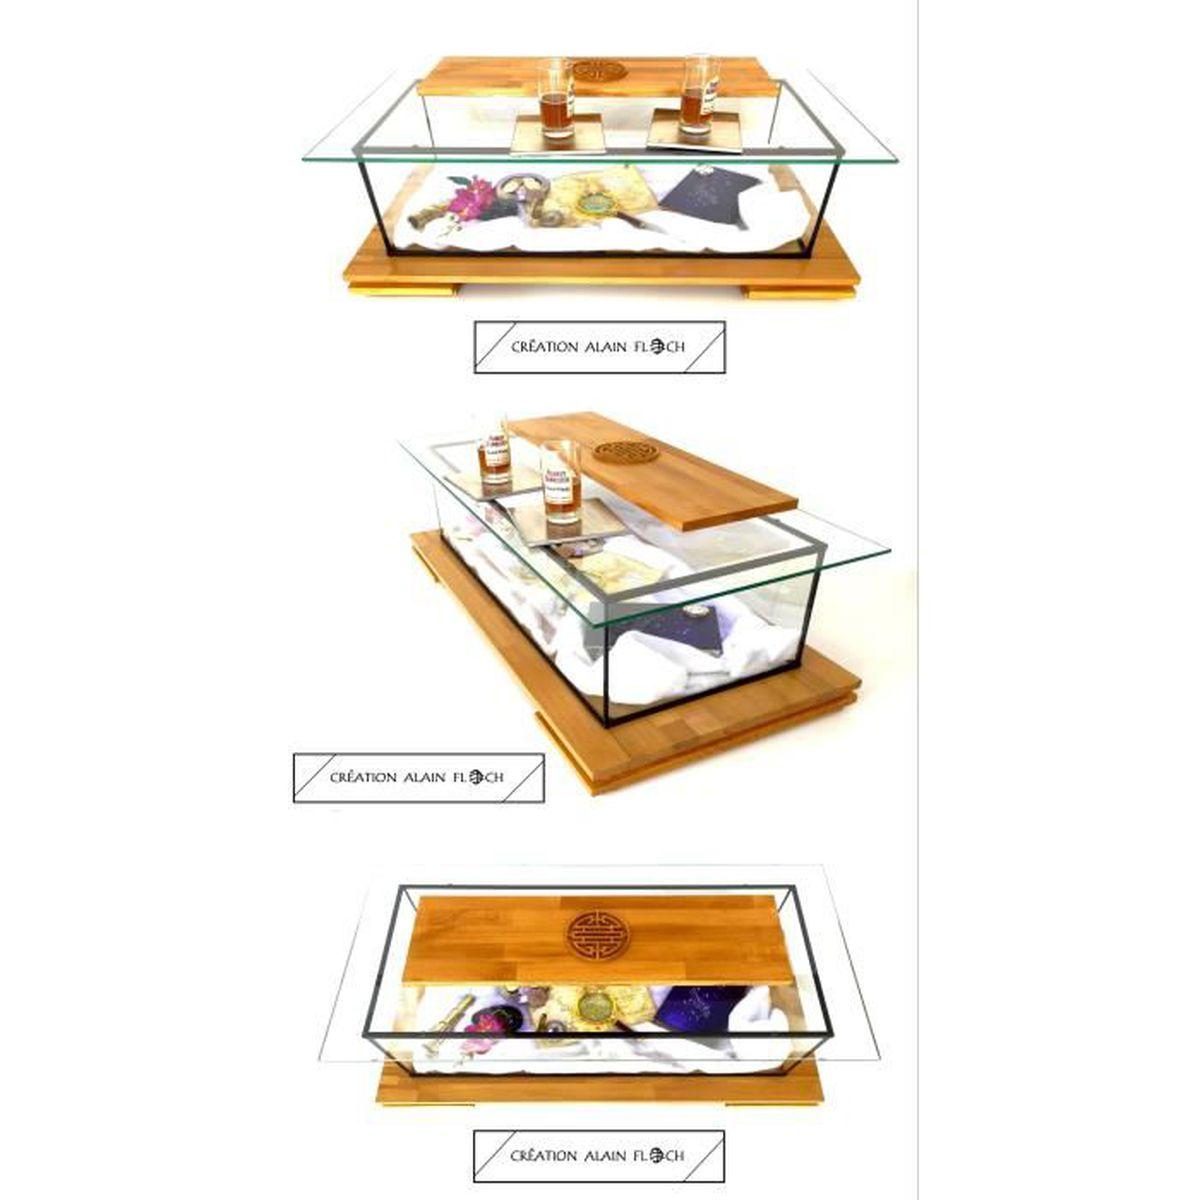 Table Basse Terrarium A Vendre table basse vitrine / aquarium terrarium annasia design